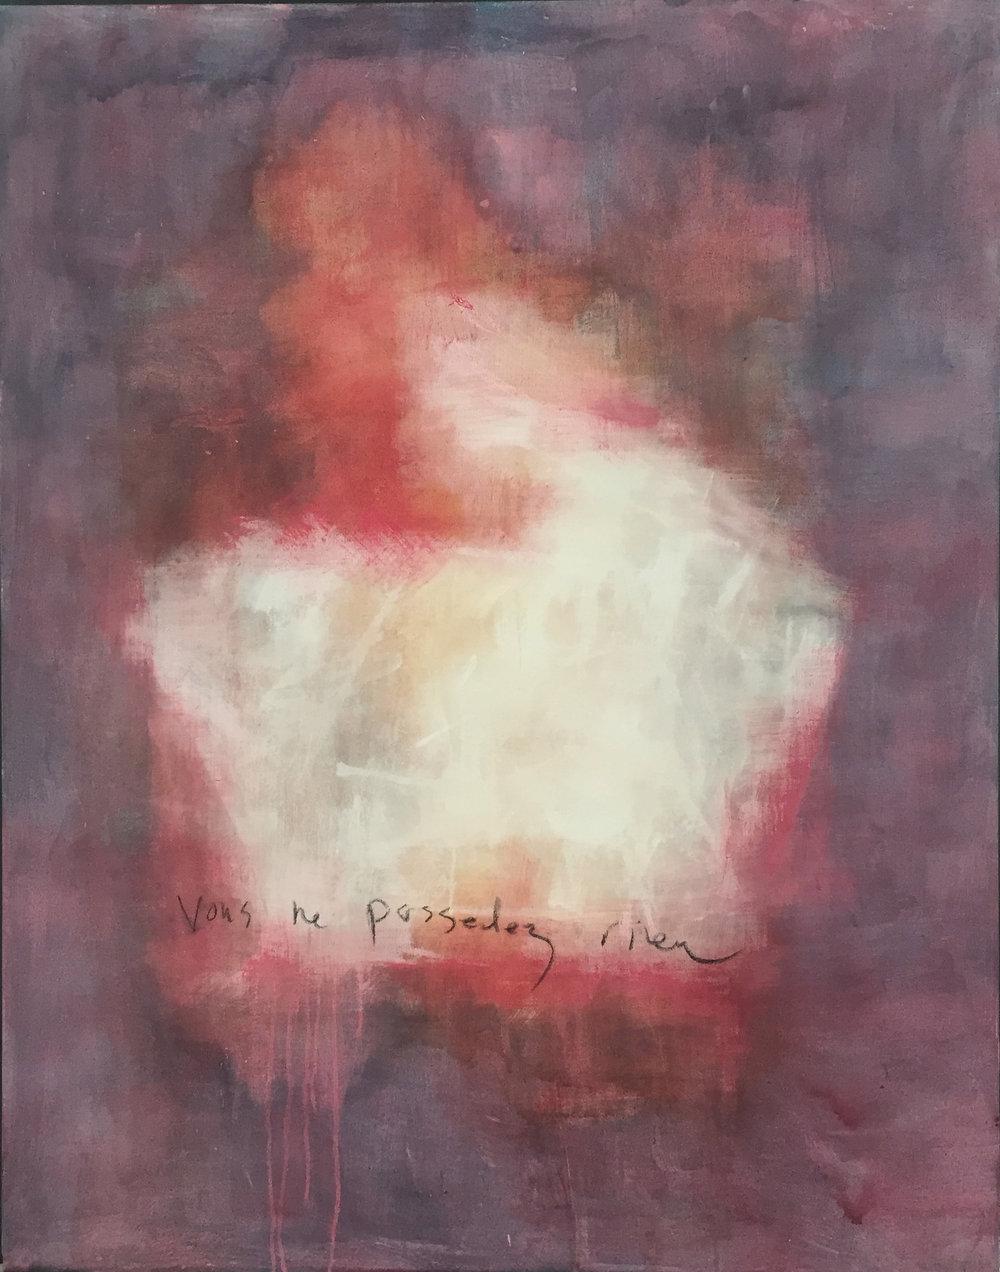 """Vous ne possedez rien, Mixed Media on Canvas, 56"""" x 42, 2017"""